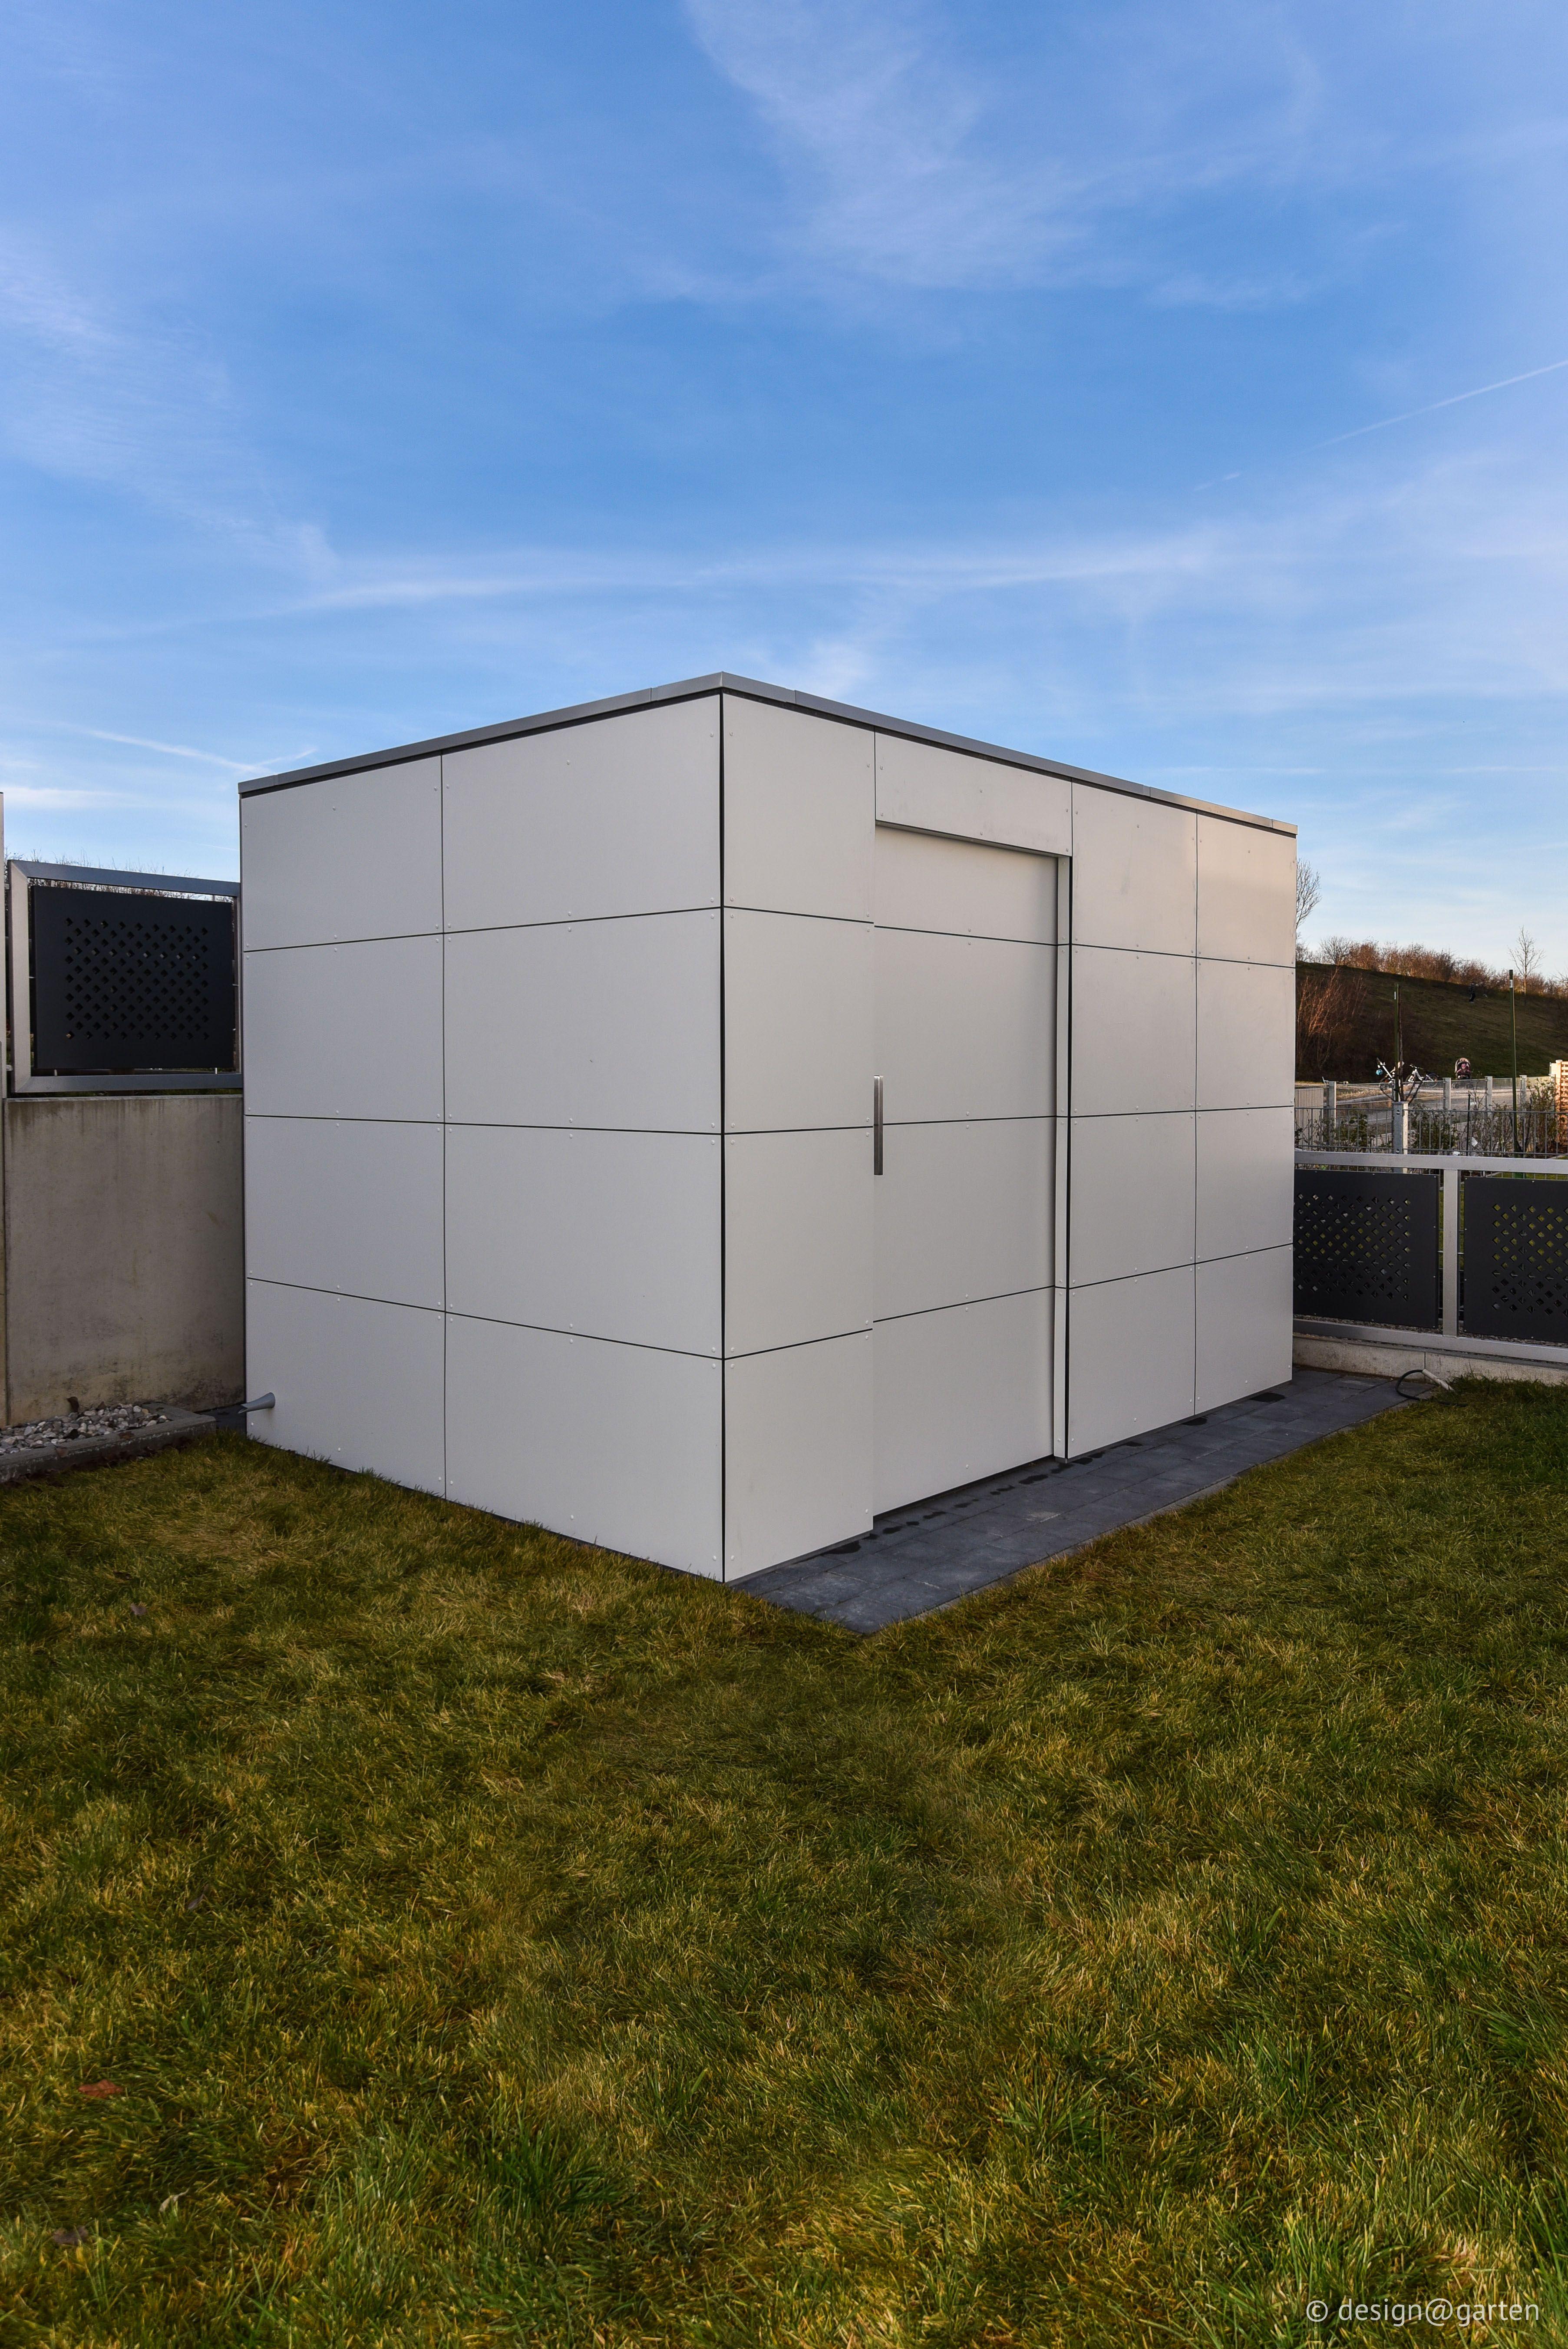 Gartenhaus mit HPL by design@garten #Gartenhaus #shed #Gerätehaus ...